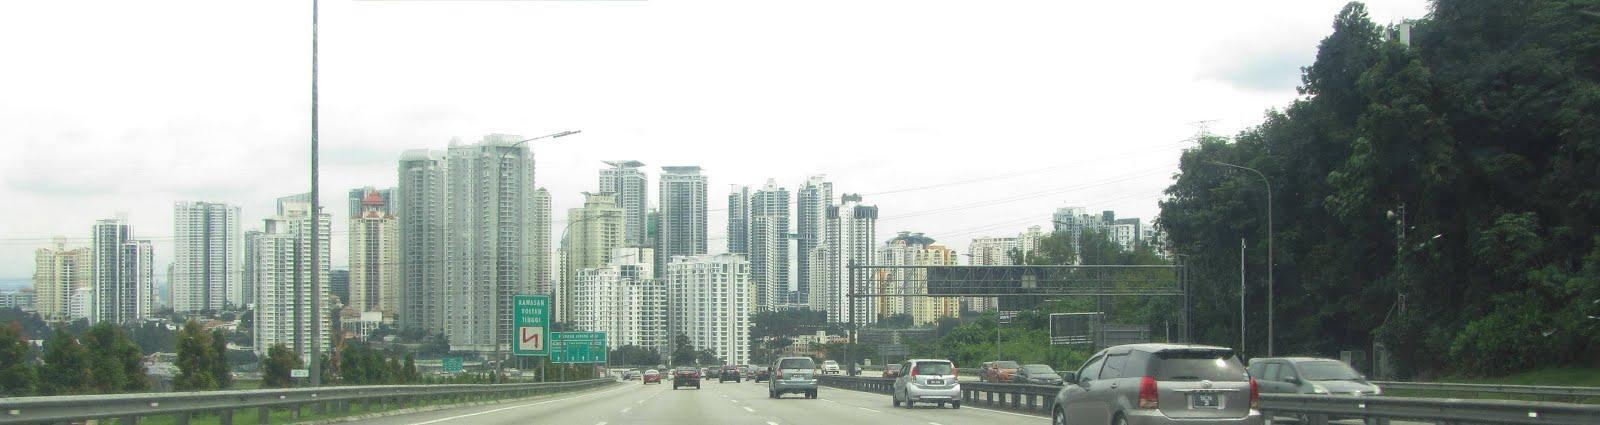 Diari From Rawang To Kuala Lumpur